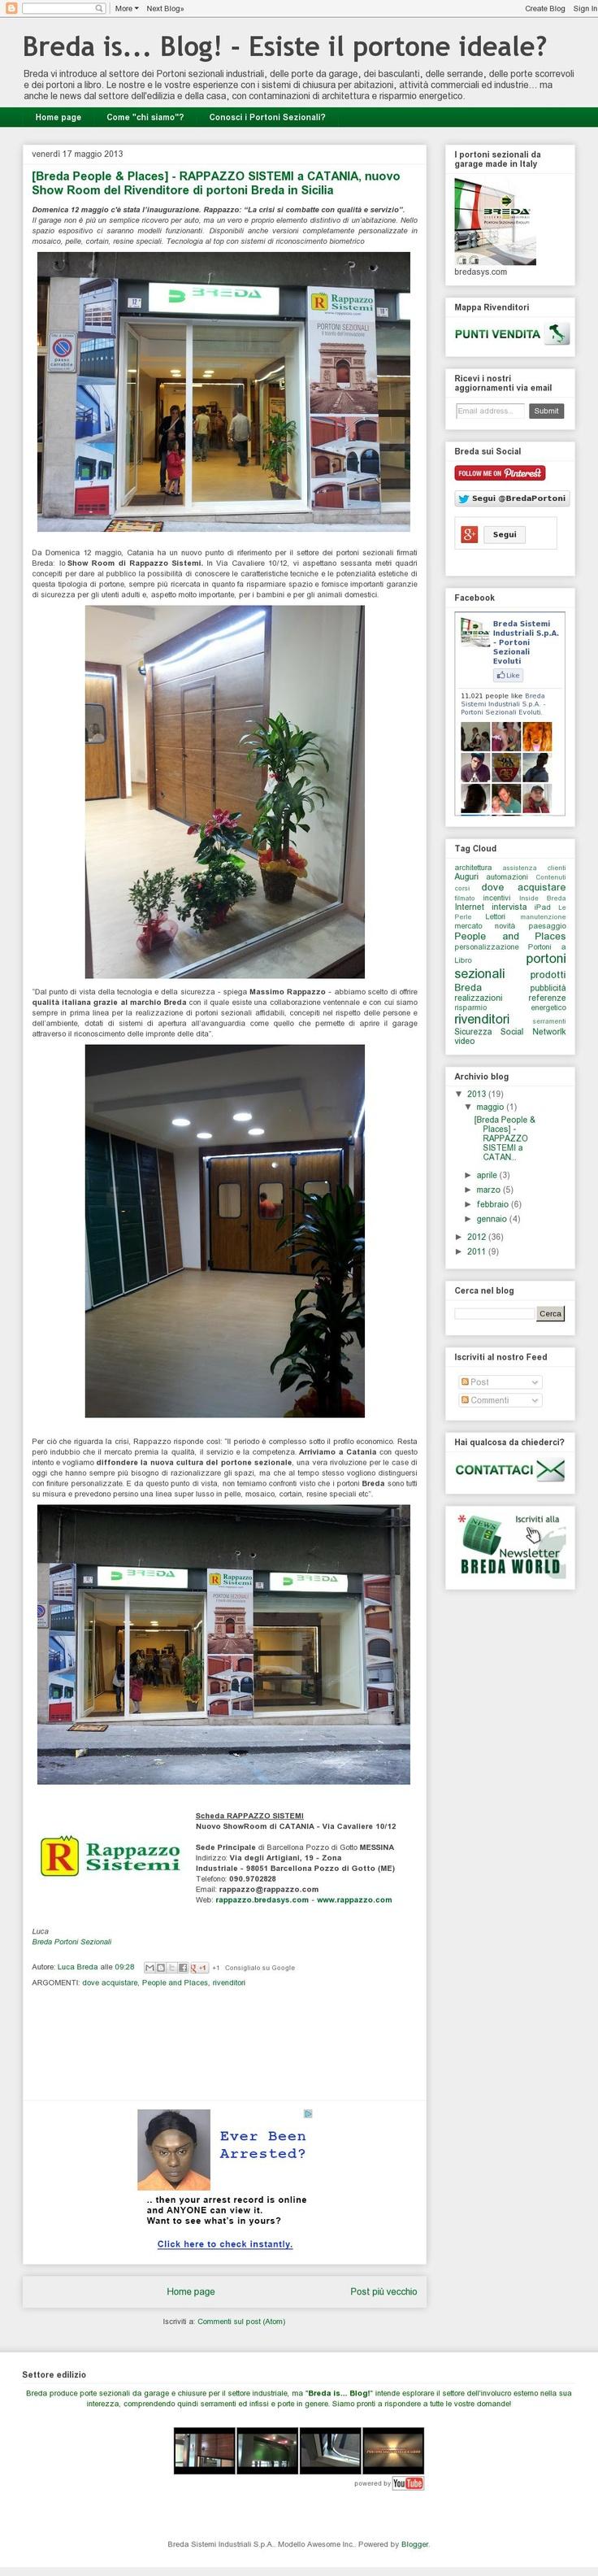 [Breda People & Places] - RAPPAZZO SISTEMI a CATANIA, nuovo Show Room del Rivenditore di portoni Breda in Sicilia http://blog.bredasys.com/2013/05/breda-people-places-rappazzo-sistemi.html #breda #portoni #sezionali #sectional #doors #Catania #Rappazzo